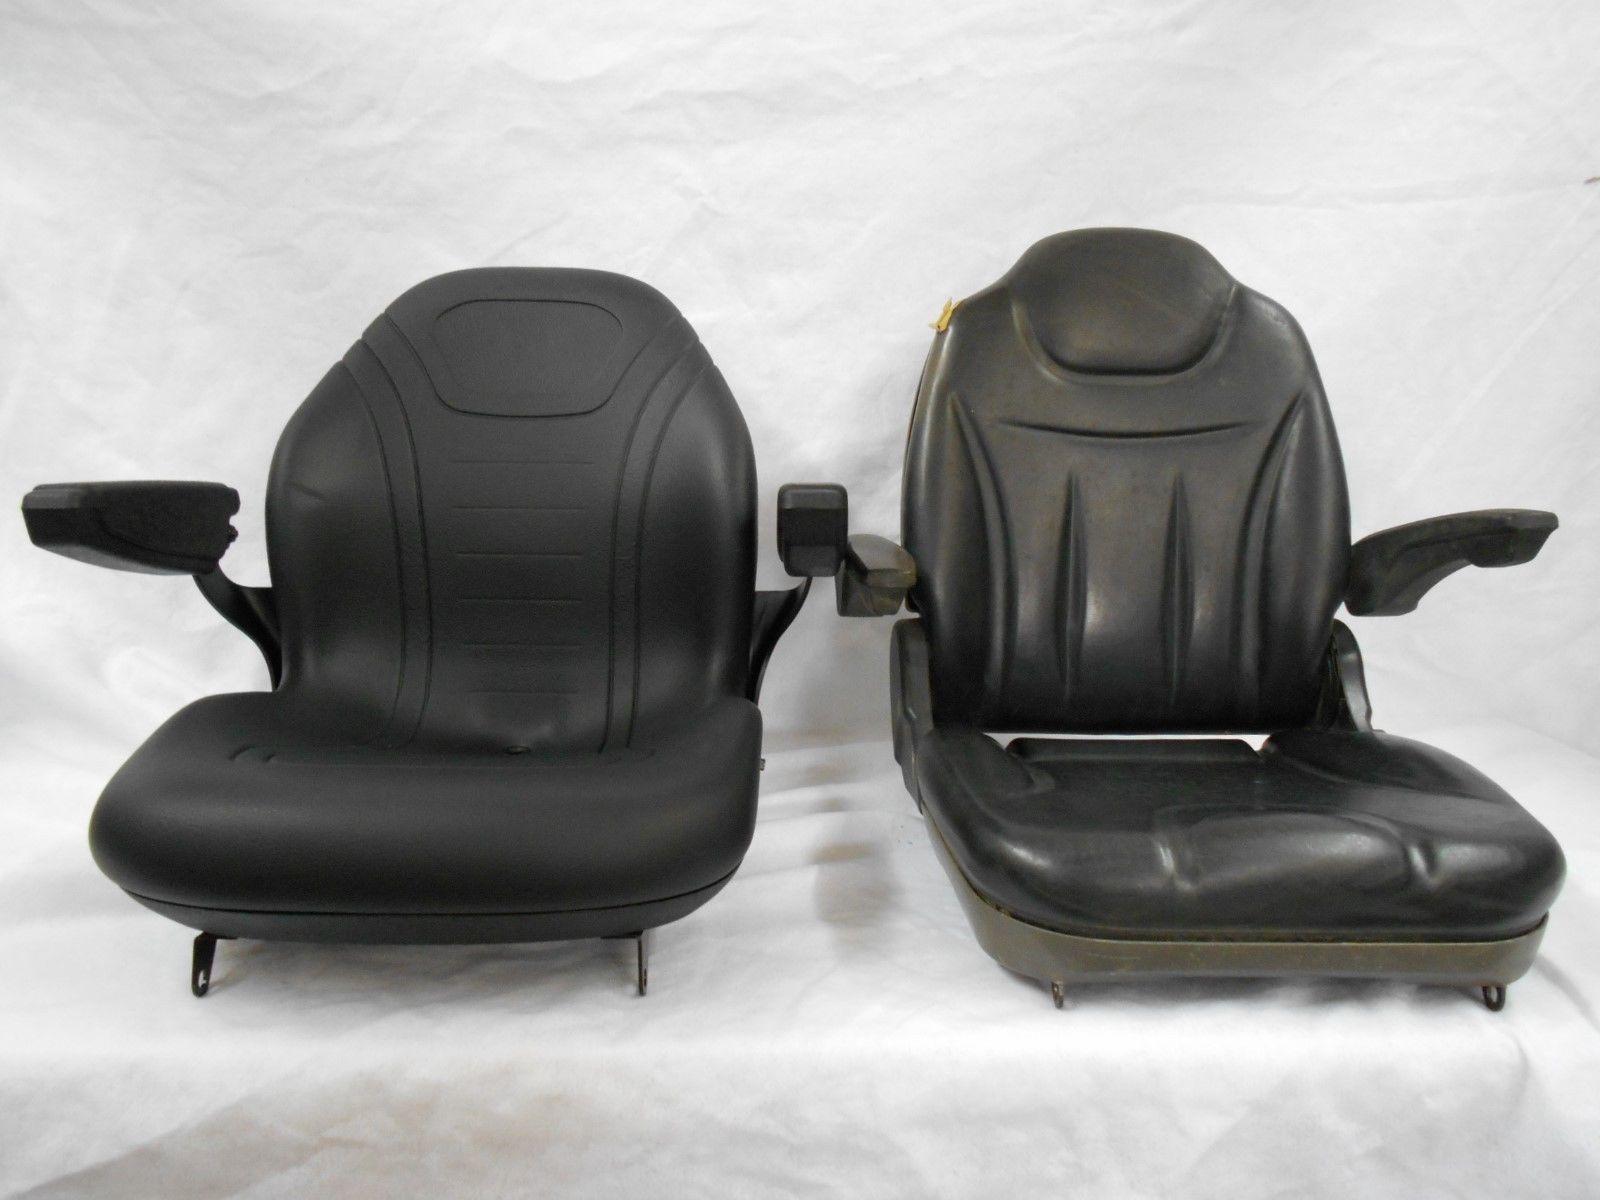 SEAT FITS KUBOTA L 3130L 3430L 3830L 4330L 4630L 5030 COMPACT TRACTOR NS 162132395818 2 seat fits kubota l3240, l3540, l3940, l4240, l4740, l5040, l5240 kubota l3240 wiring diagram at fashall.co